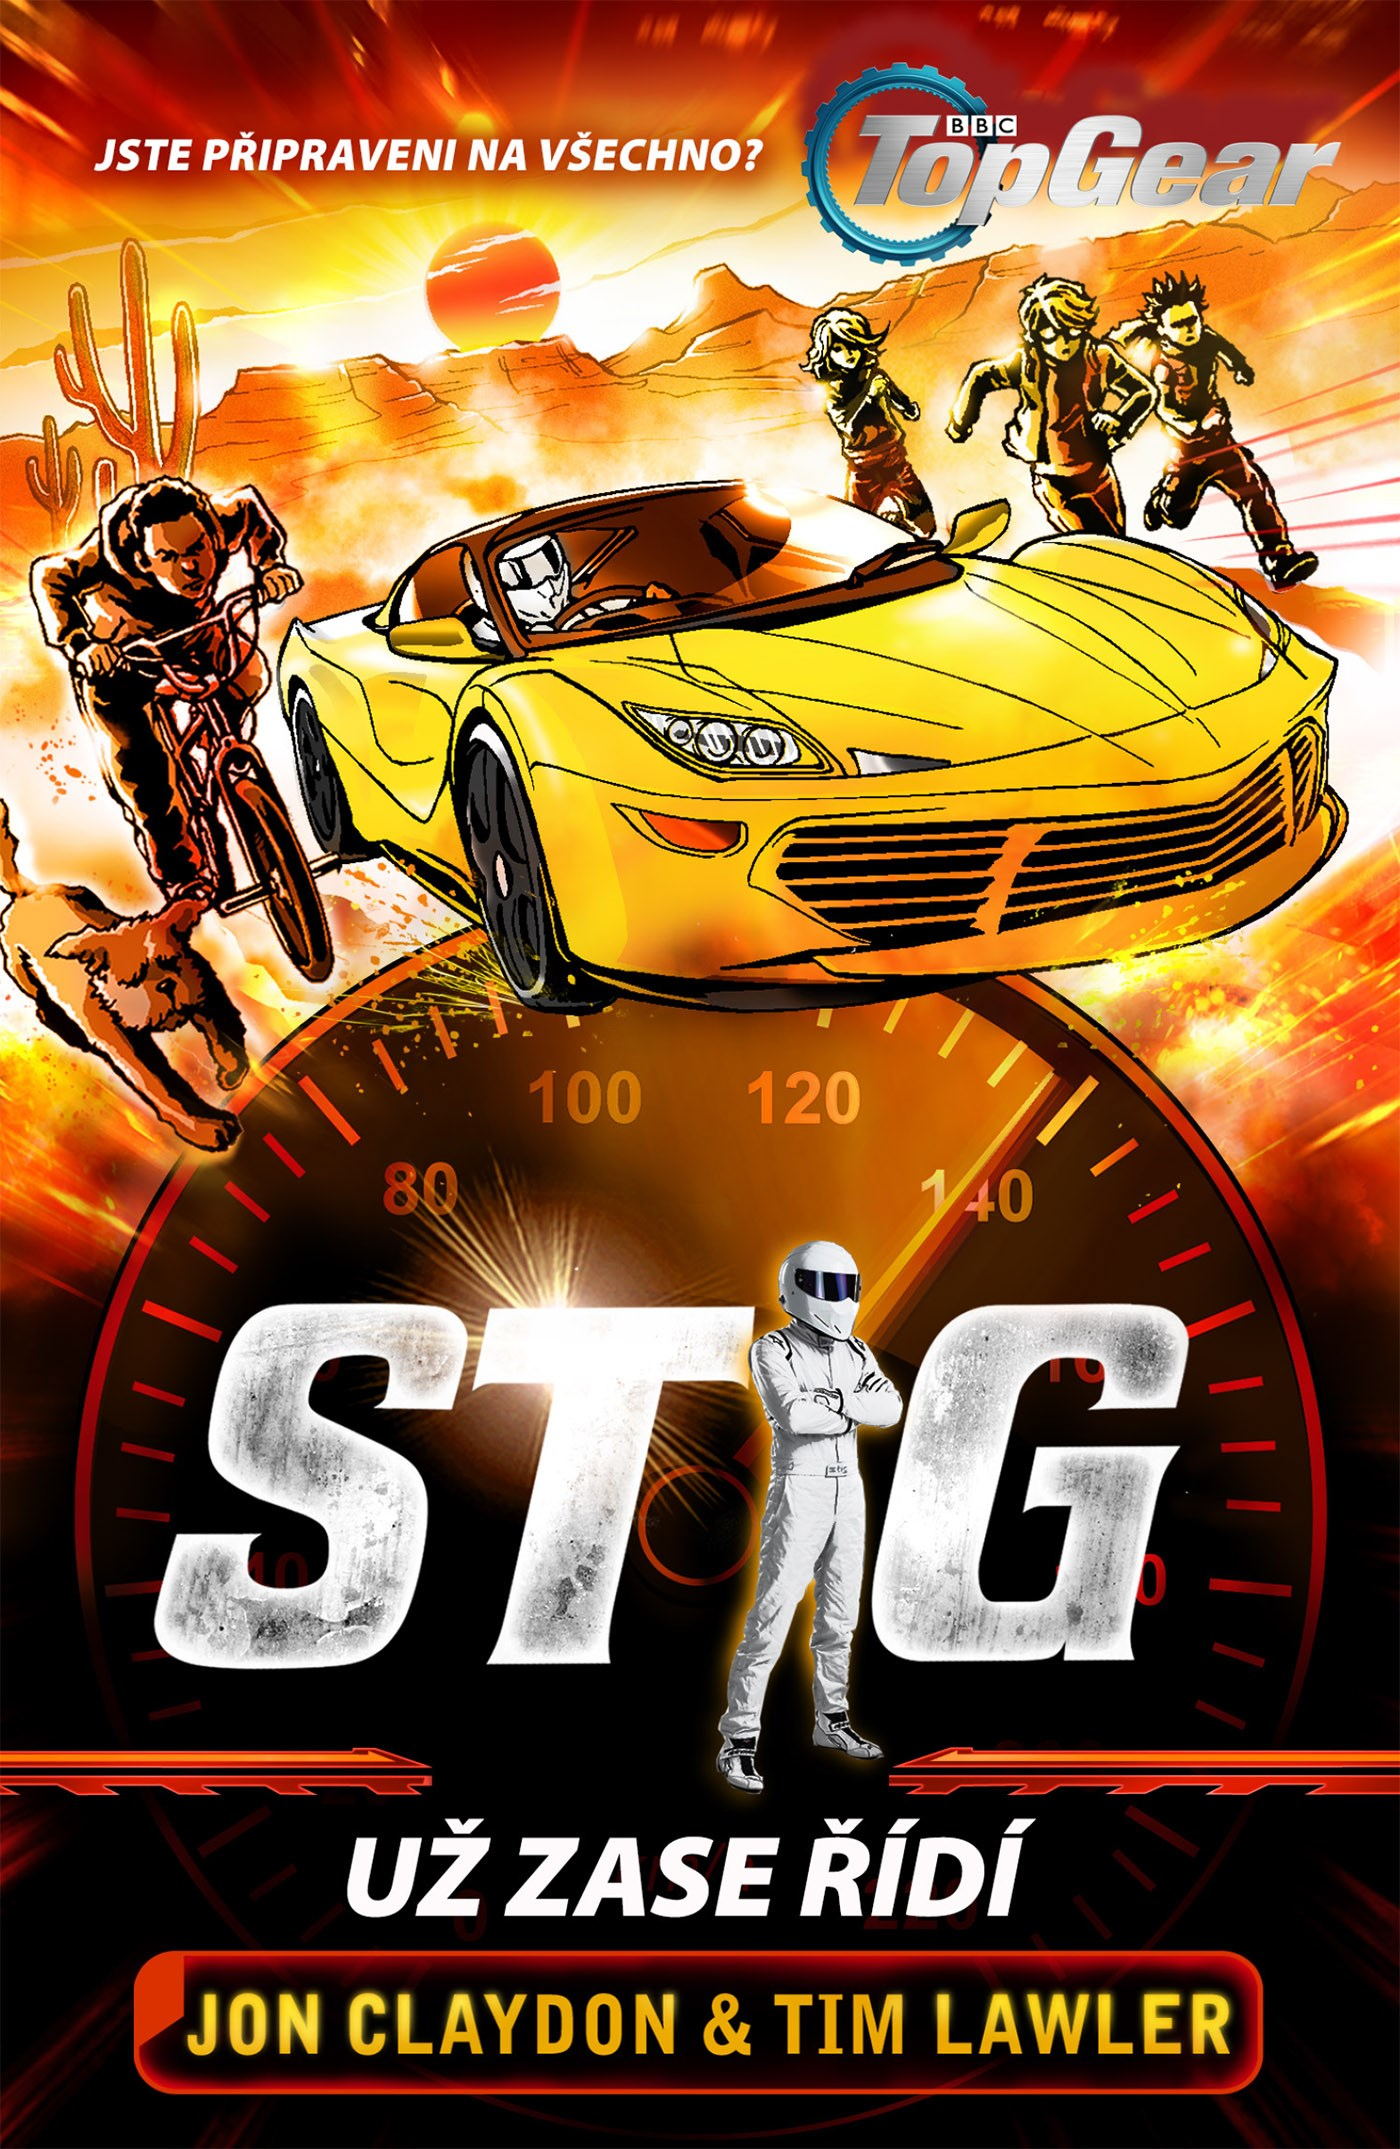 Top Gear - Stig už zase řídí - Jon Claydon & Tim Lawler